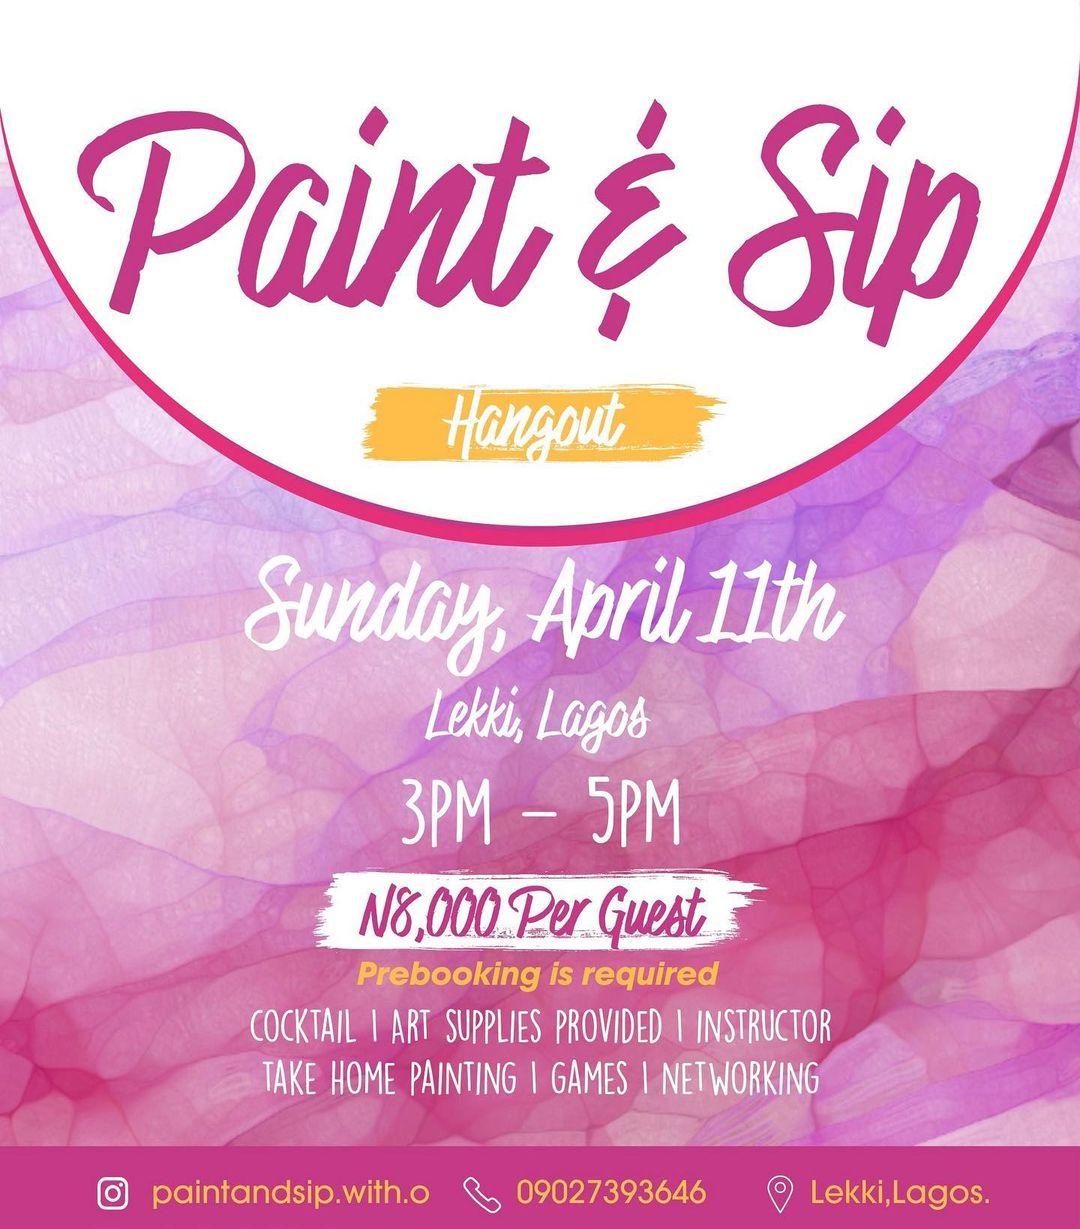 Paint & Sip Hangout